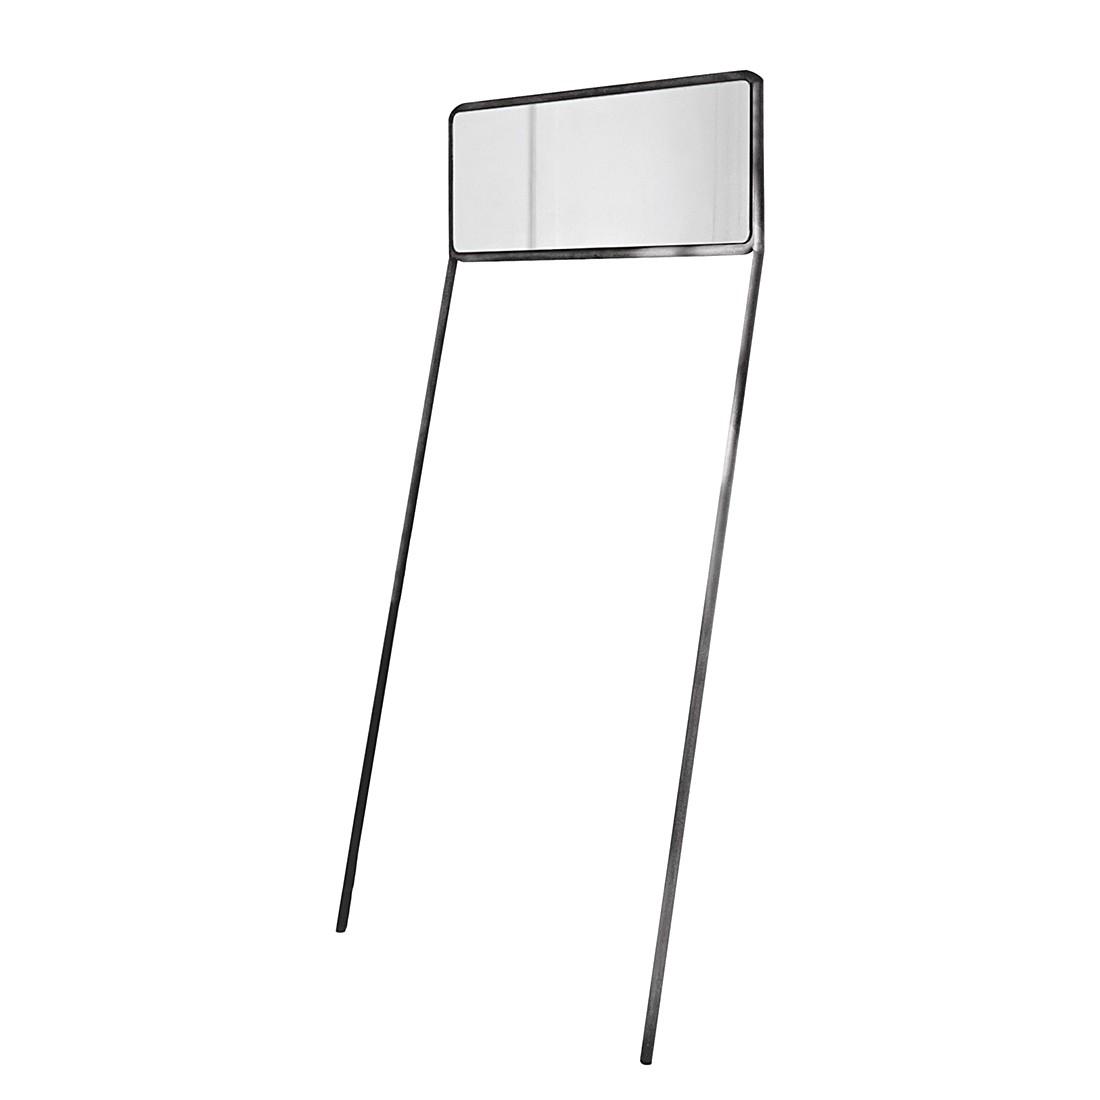 spiegel ingham rahmen eisen spiegelglas grau loberon kaufen. Black Bedroom Furniture Sets. Home Design Ideas